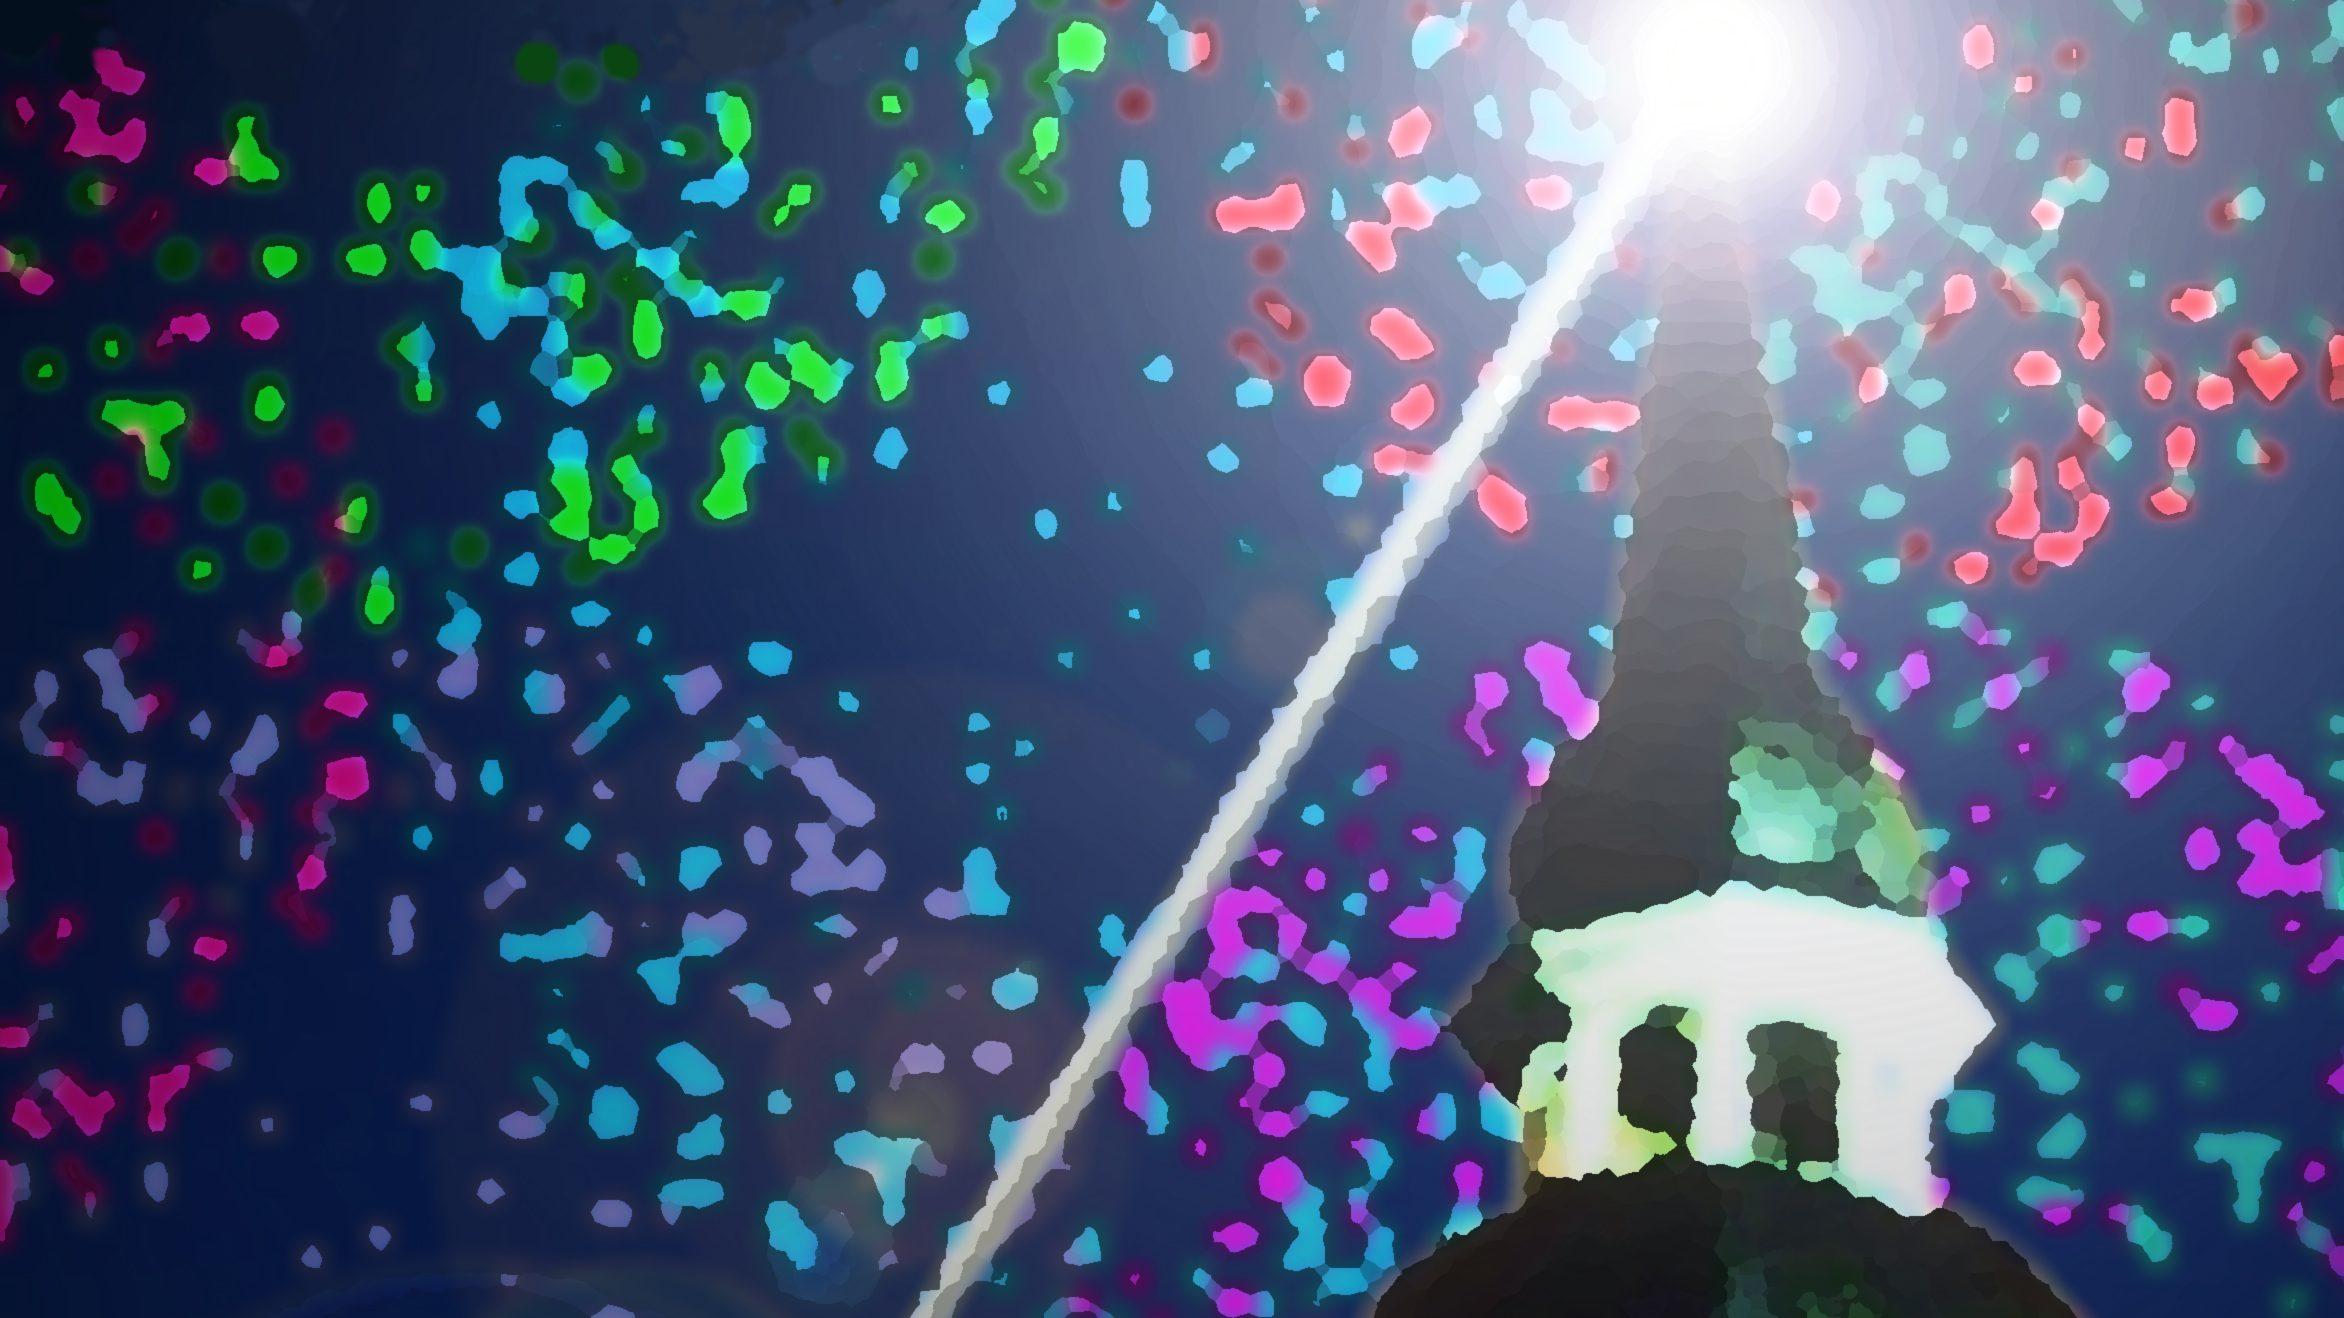 Musikalischen Fensterandacht am Neujahrstag von 17.00-17.30 Uhr an der Gnadenkirche in Bergisch Gladbach